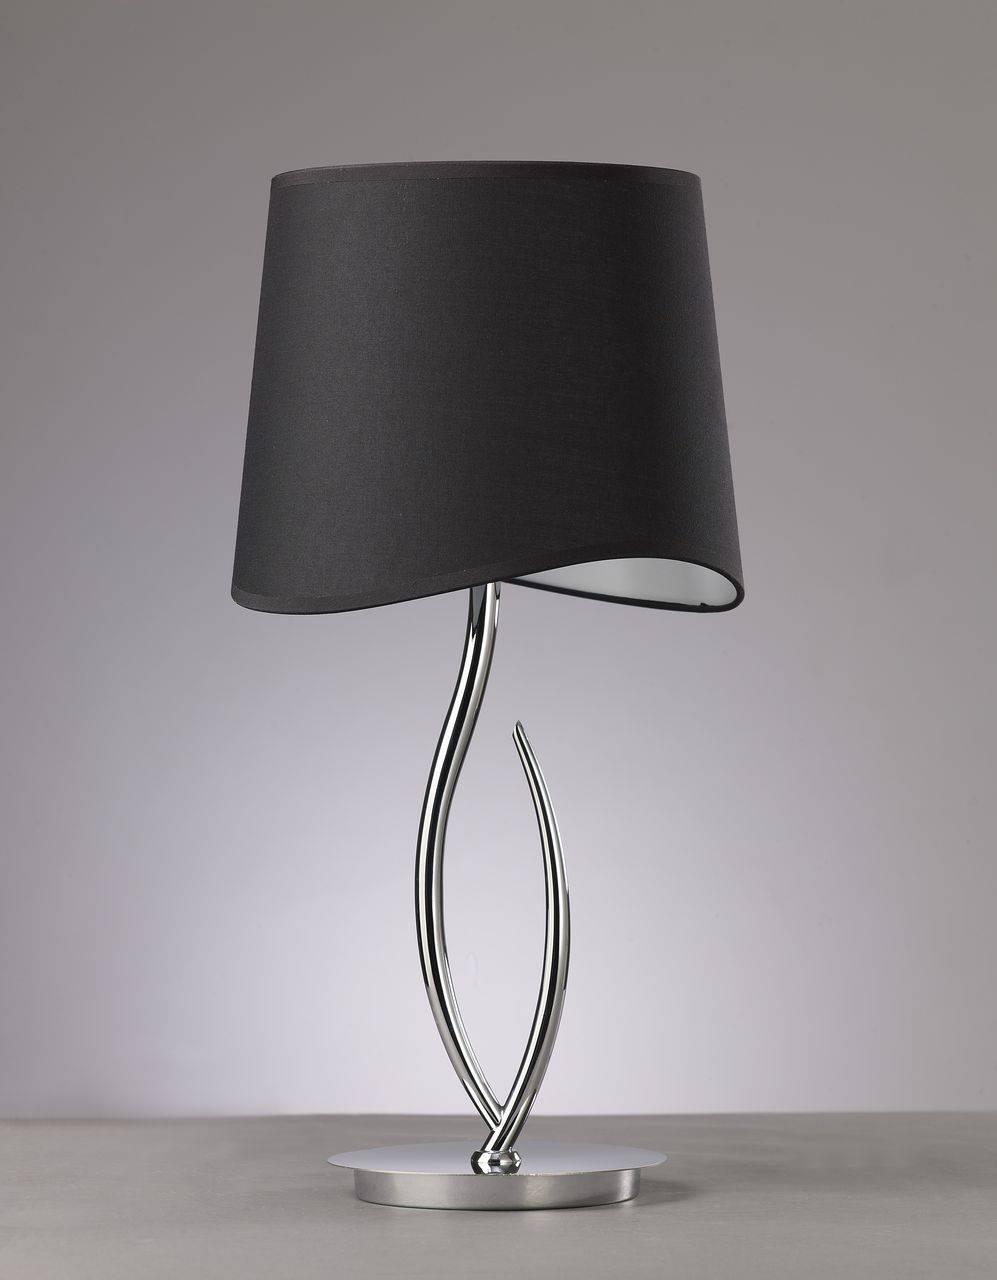 Купить Настольная лампа дизайнерская Hoggy в интернет магазине дизайнерской мебели и аксессуаров для дома и дачи